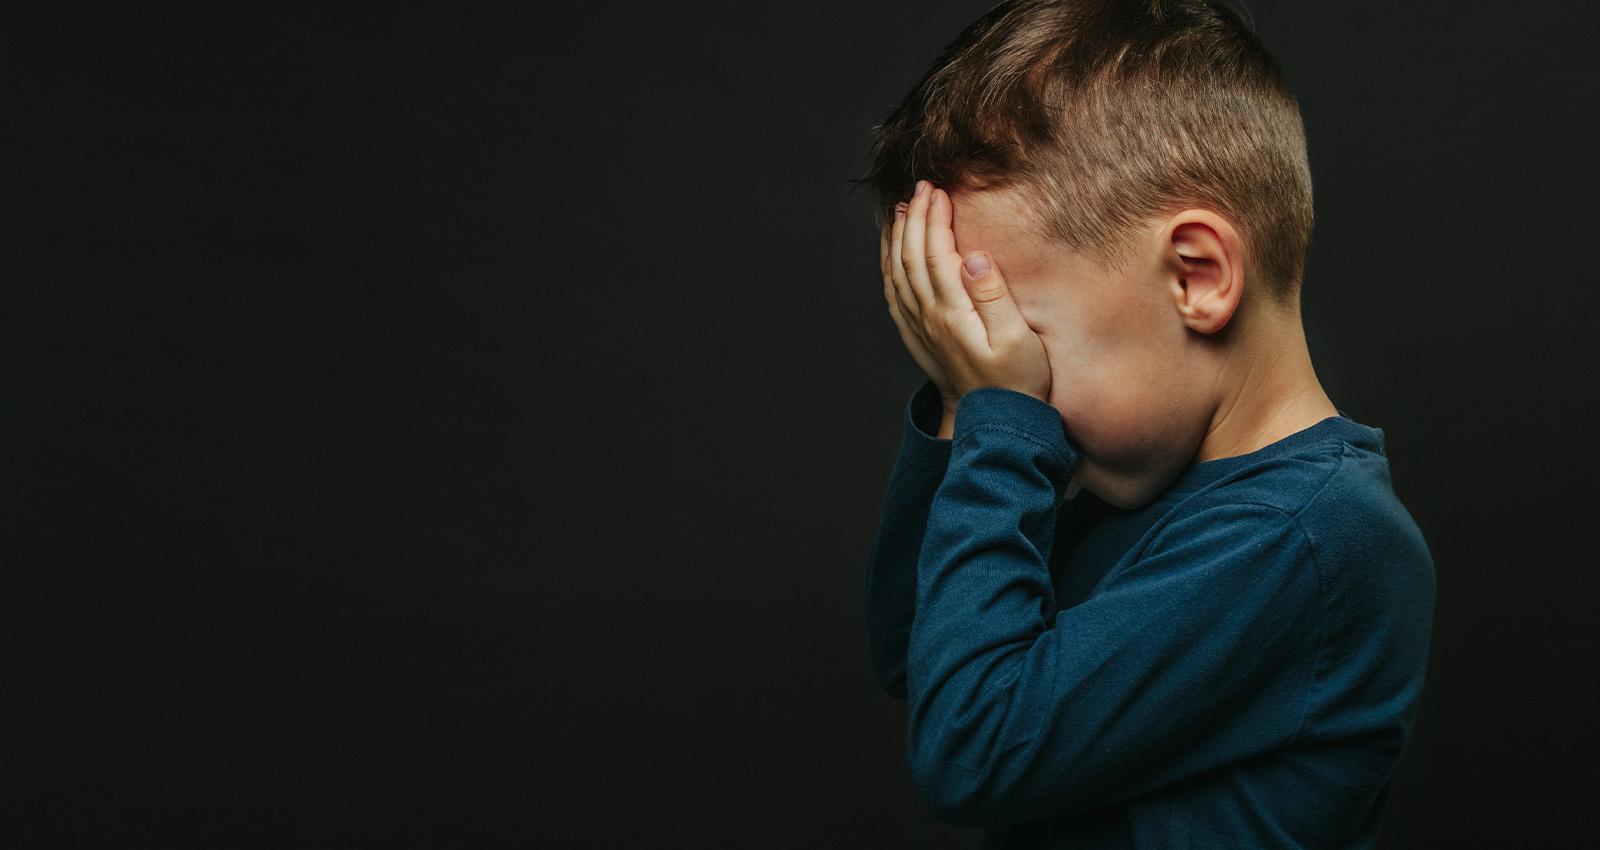 לחץ וחדרה אצל ילדים